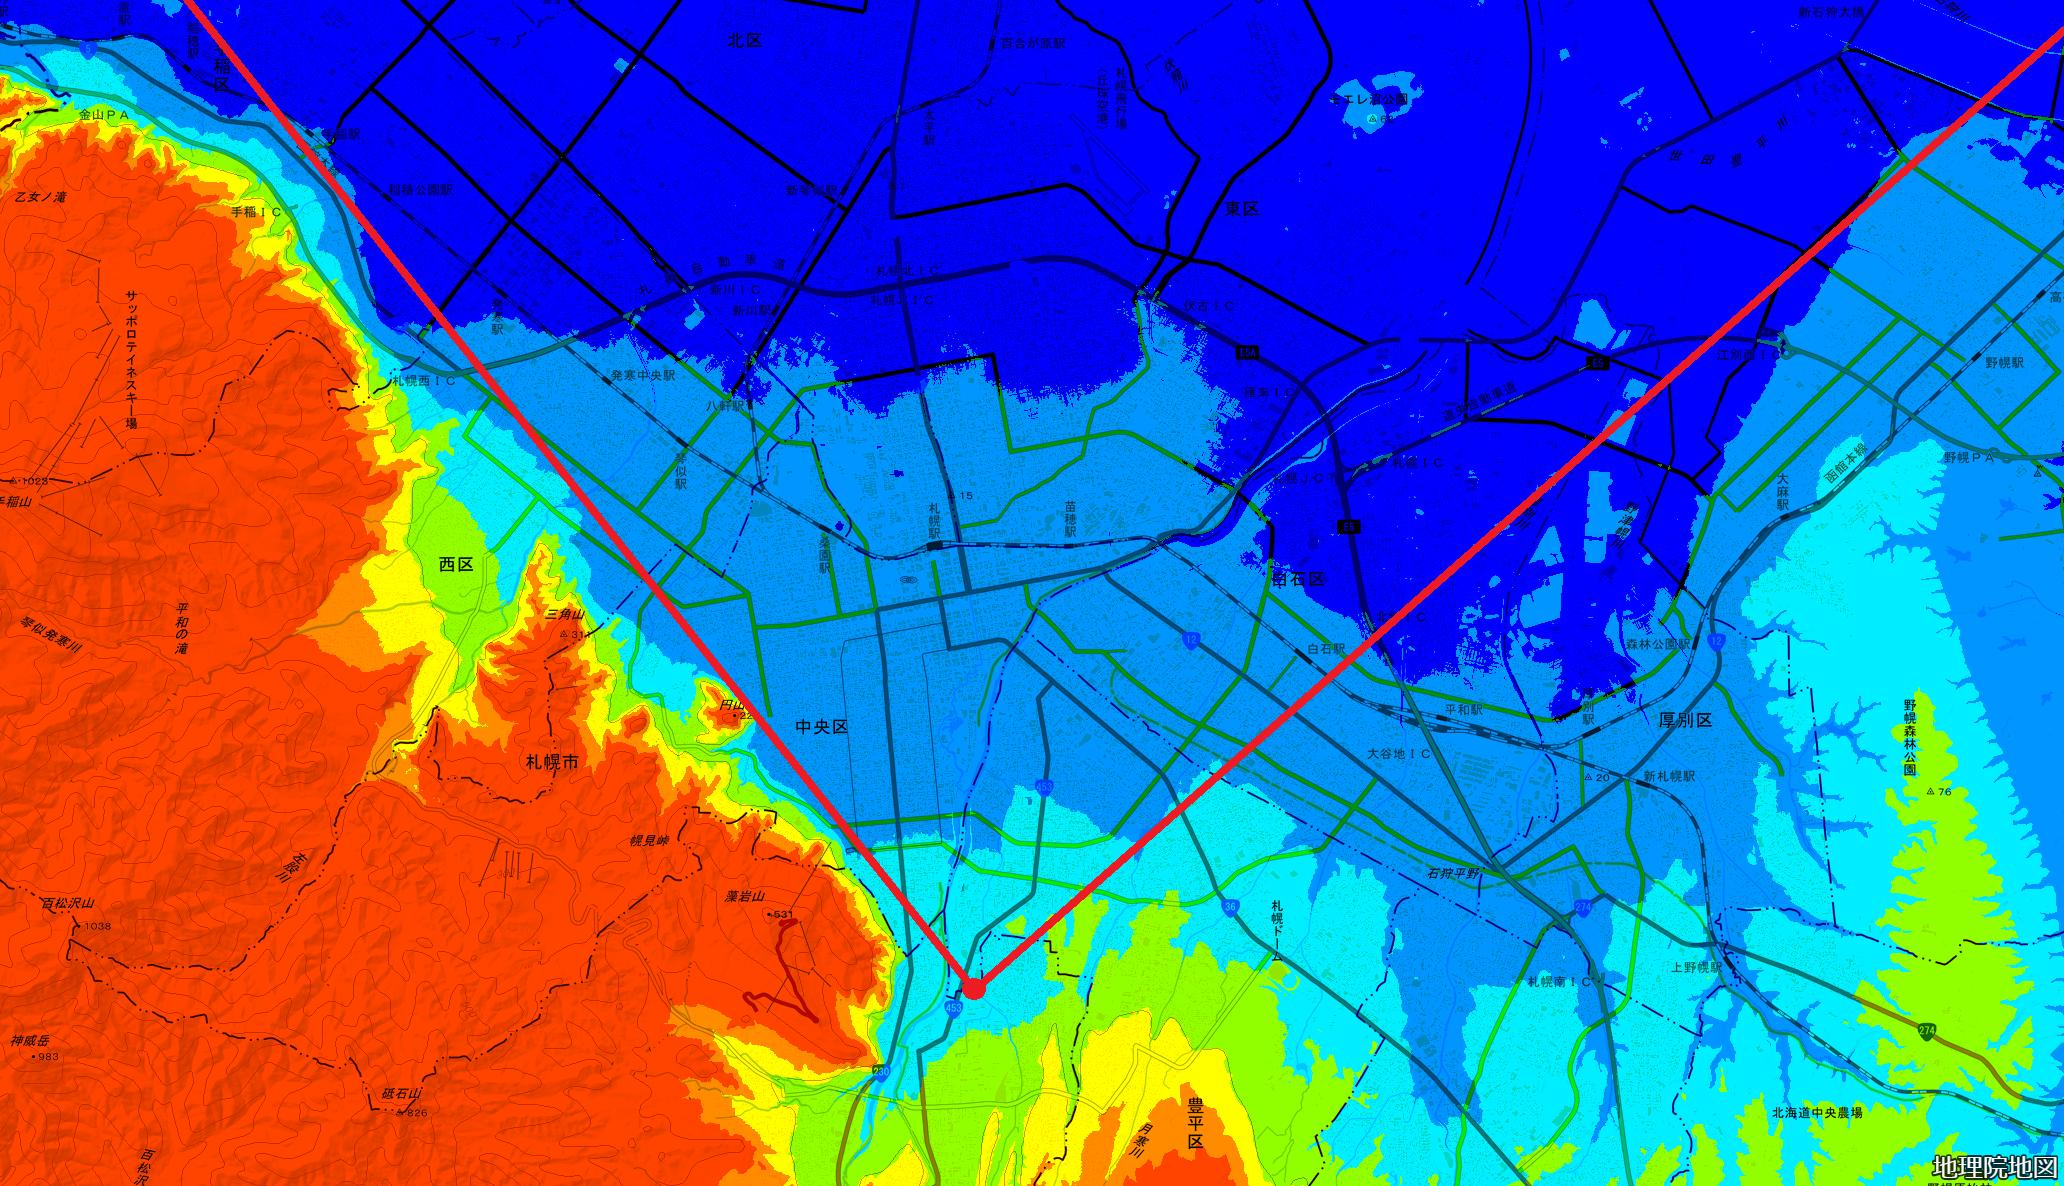 色別標高図 キャンプクロフォード 通信基地 広域